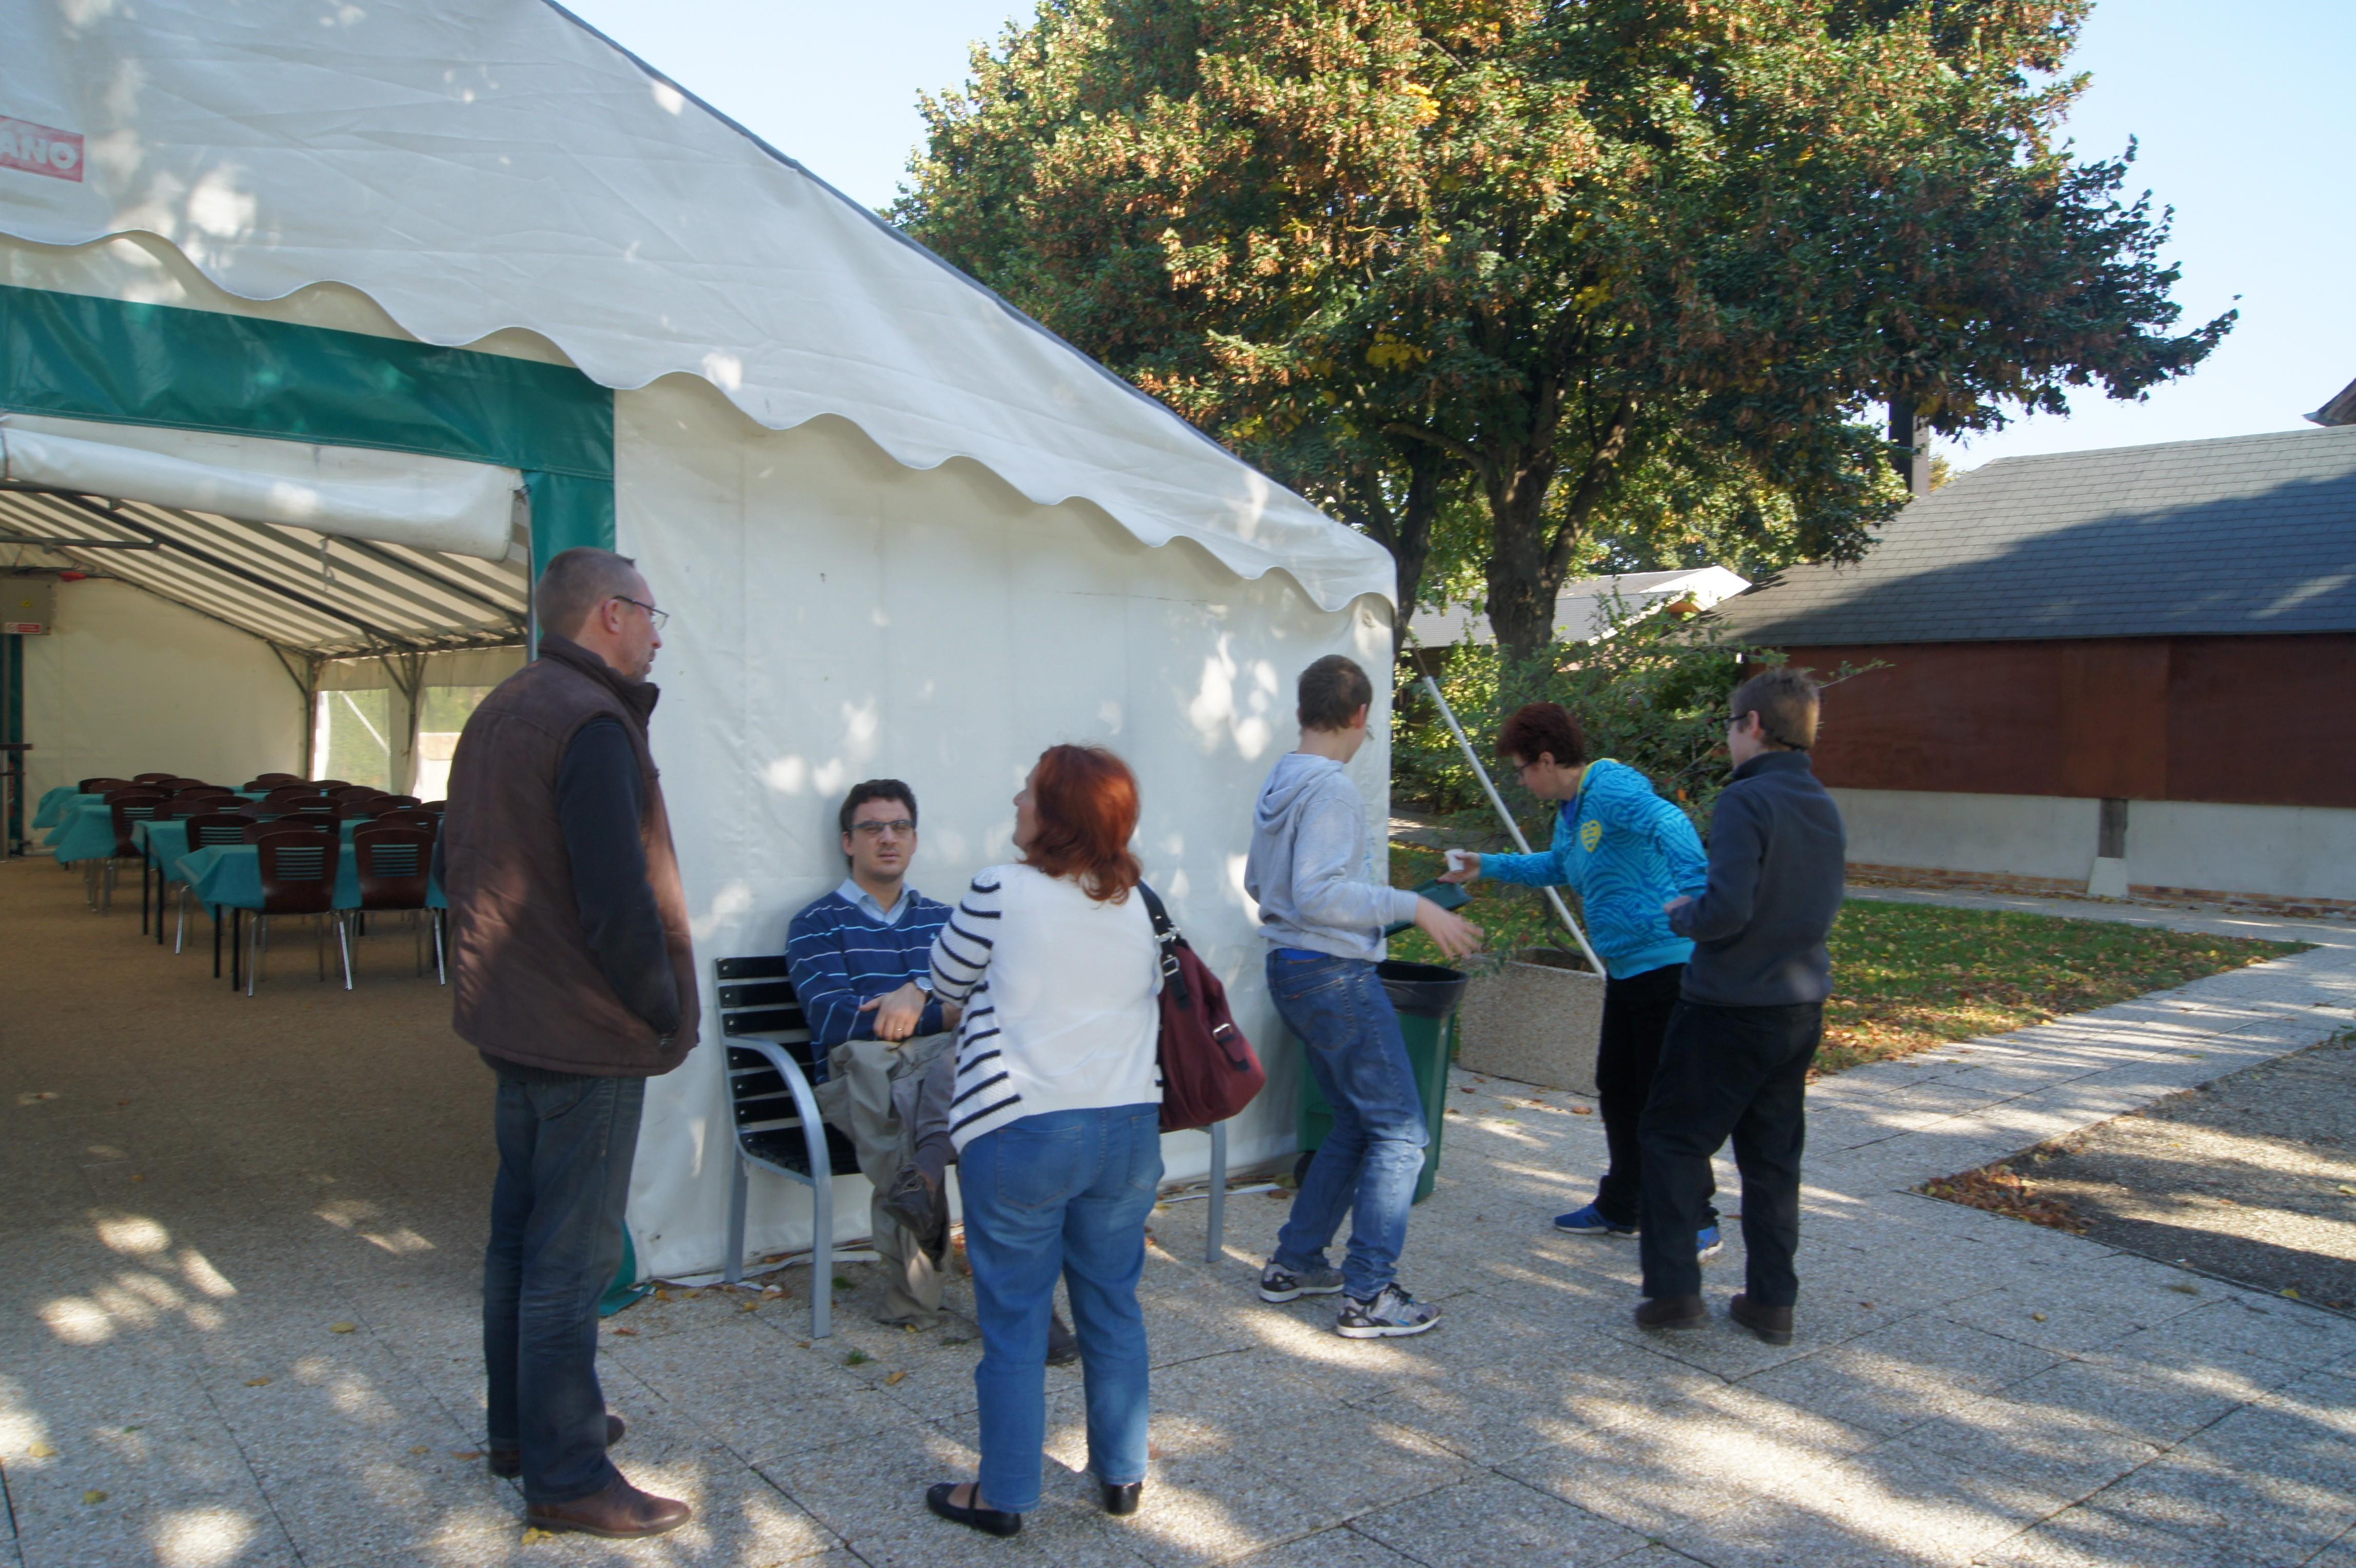 Rencontre Coquine Vosges à Retrouver Homme Cherche Couple Brancourt-le-Grand